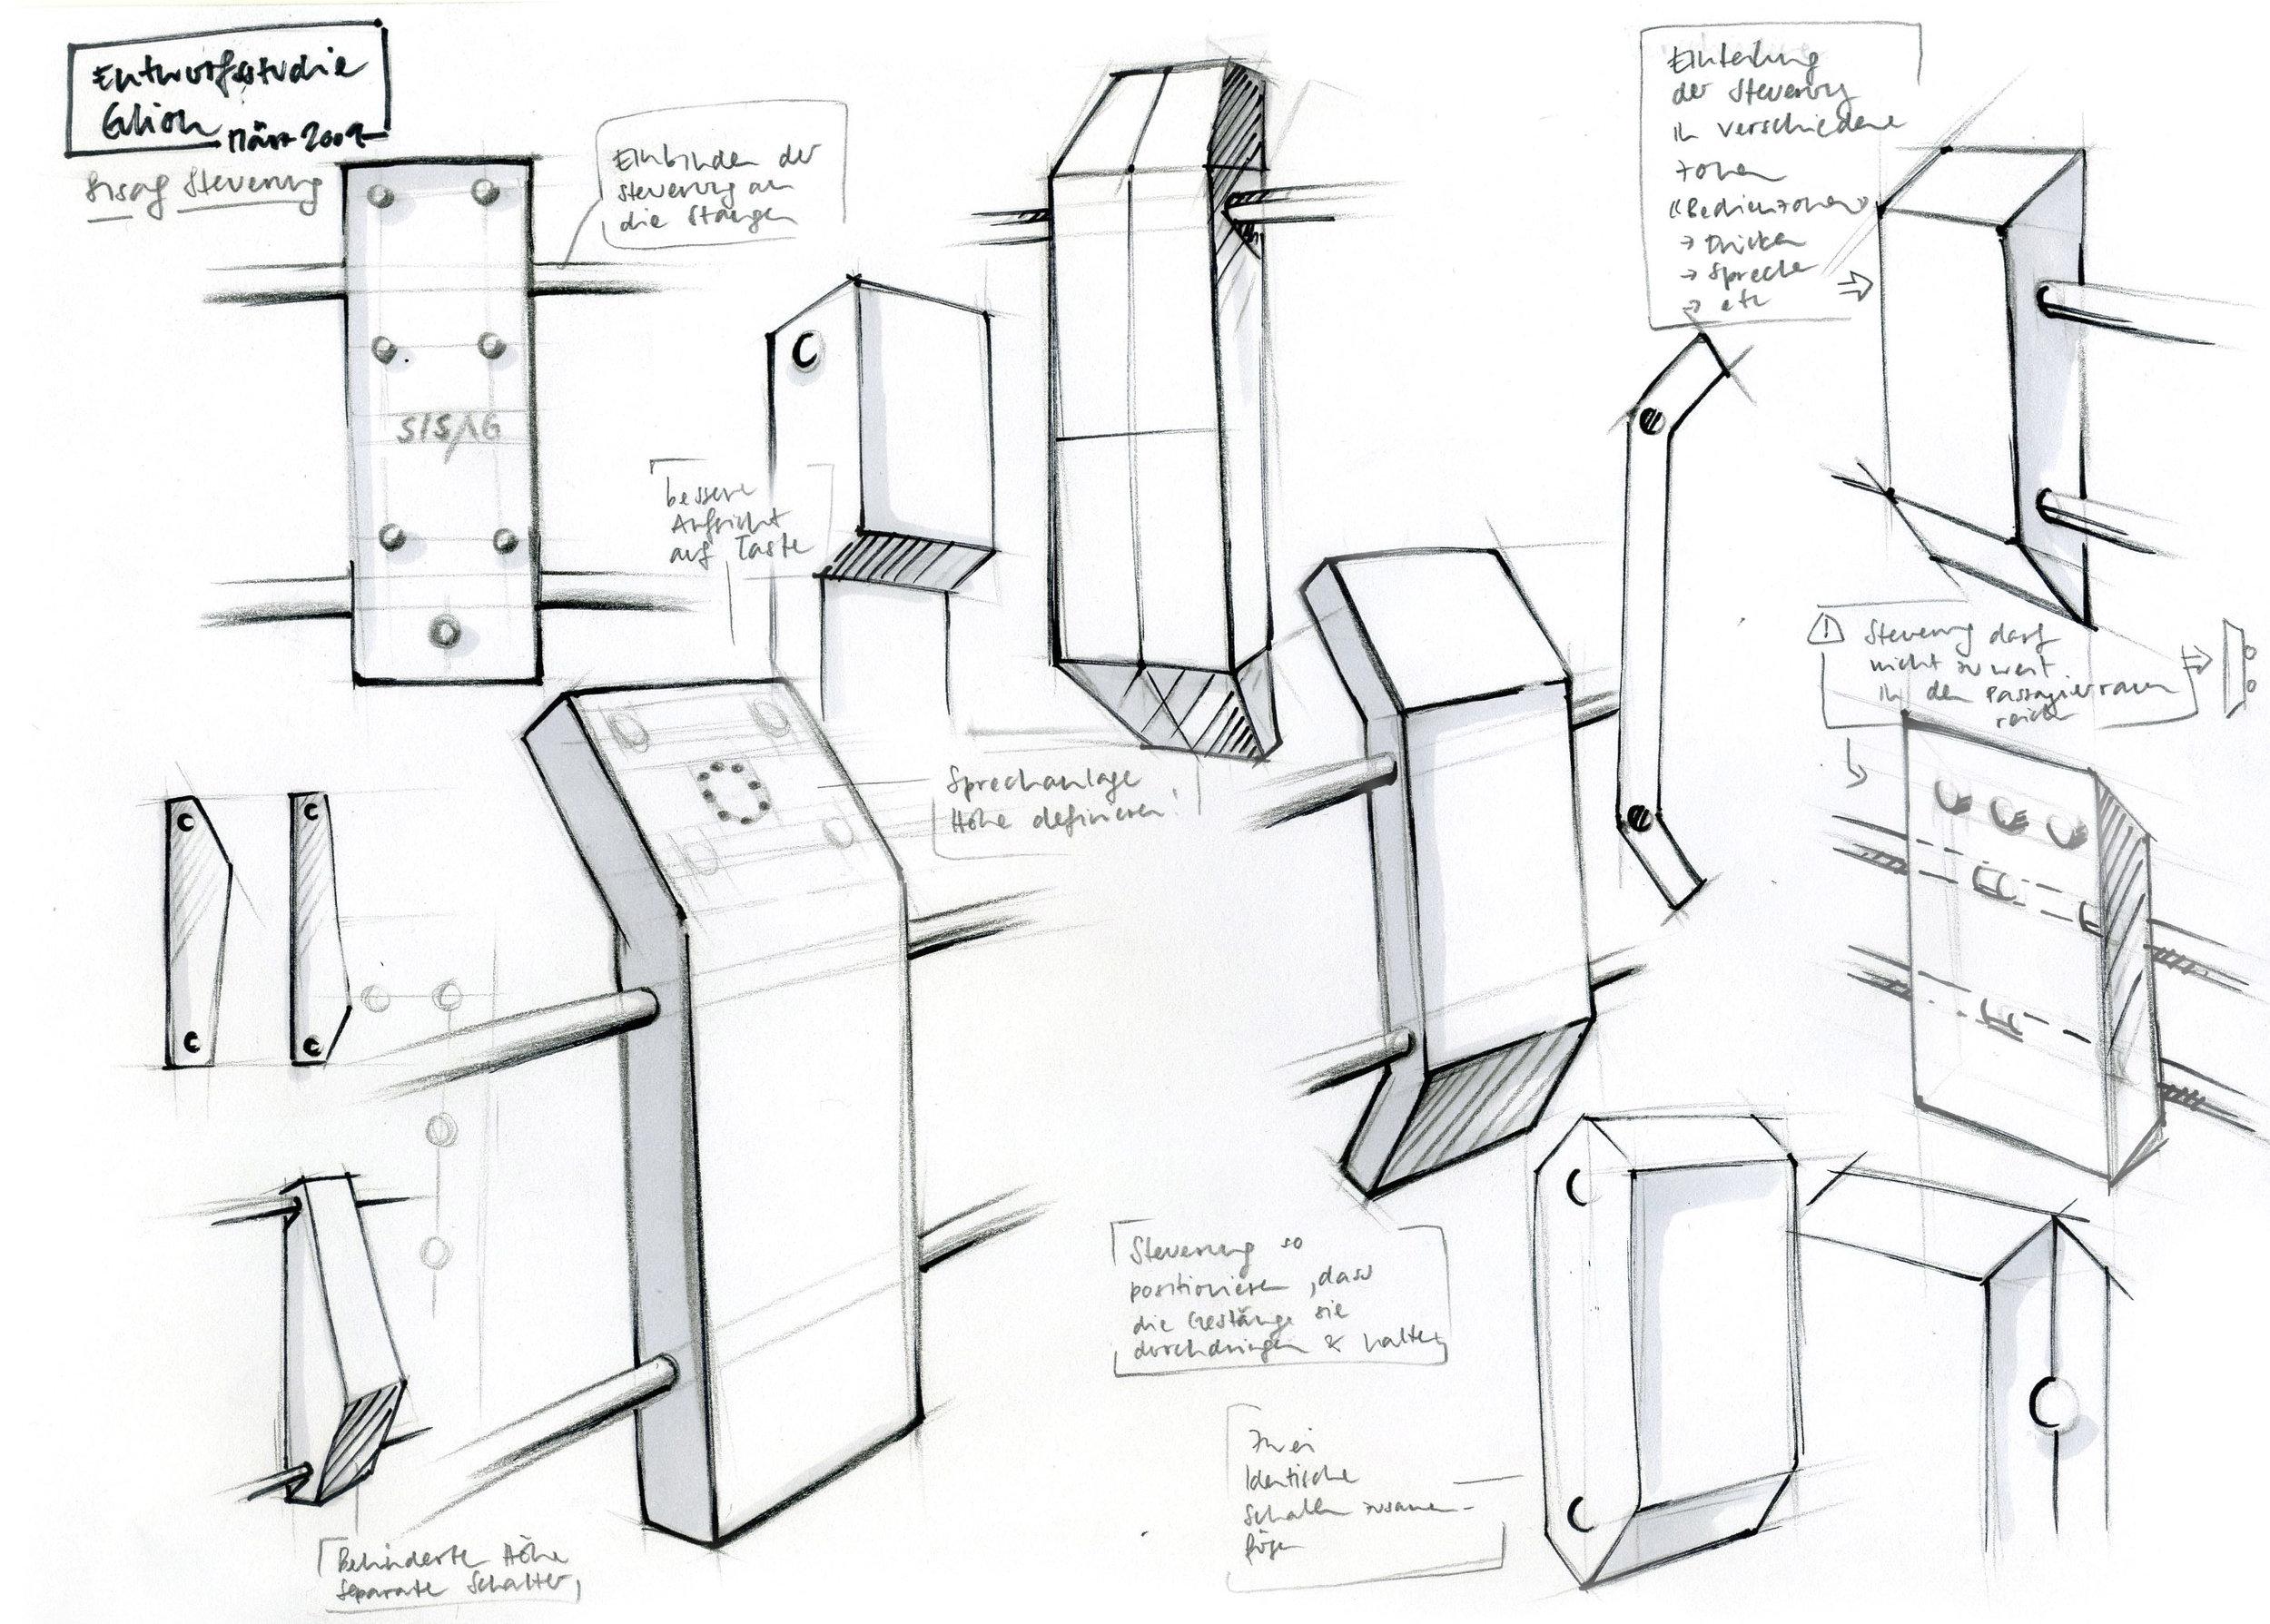 Industrial design - Sie wollen neue Ideen für zukünftige Produkte?Sie wollen eine Überarbeitung eines bestehenden Produktes?Sie wollen visionäre Ideen?Wir entwickeln Produkte von der Ideenfindung bis zum Prototypen